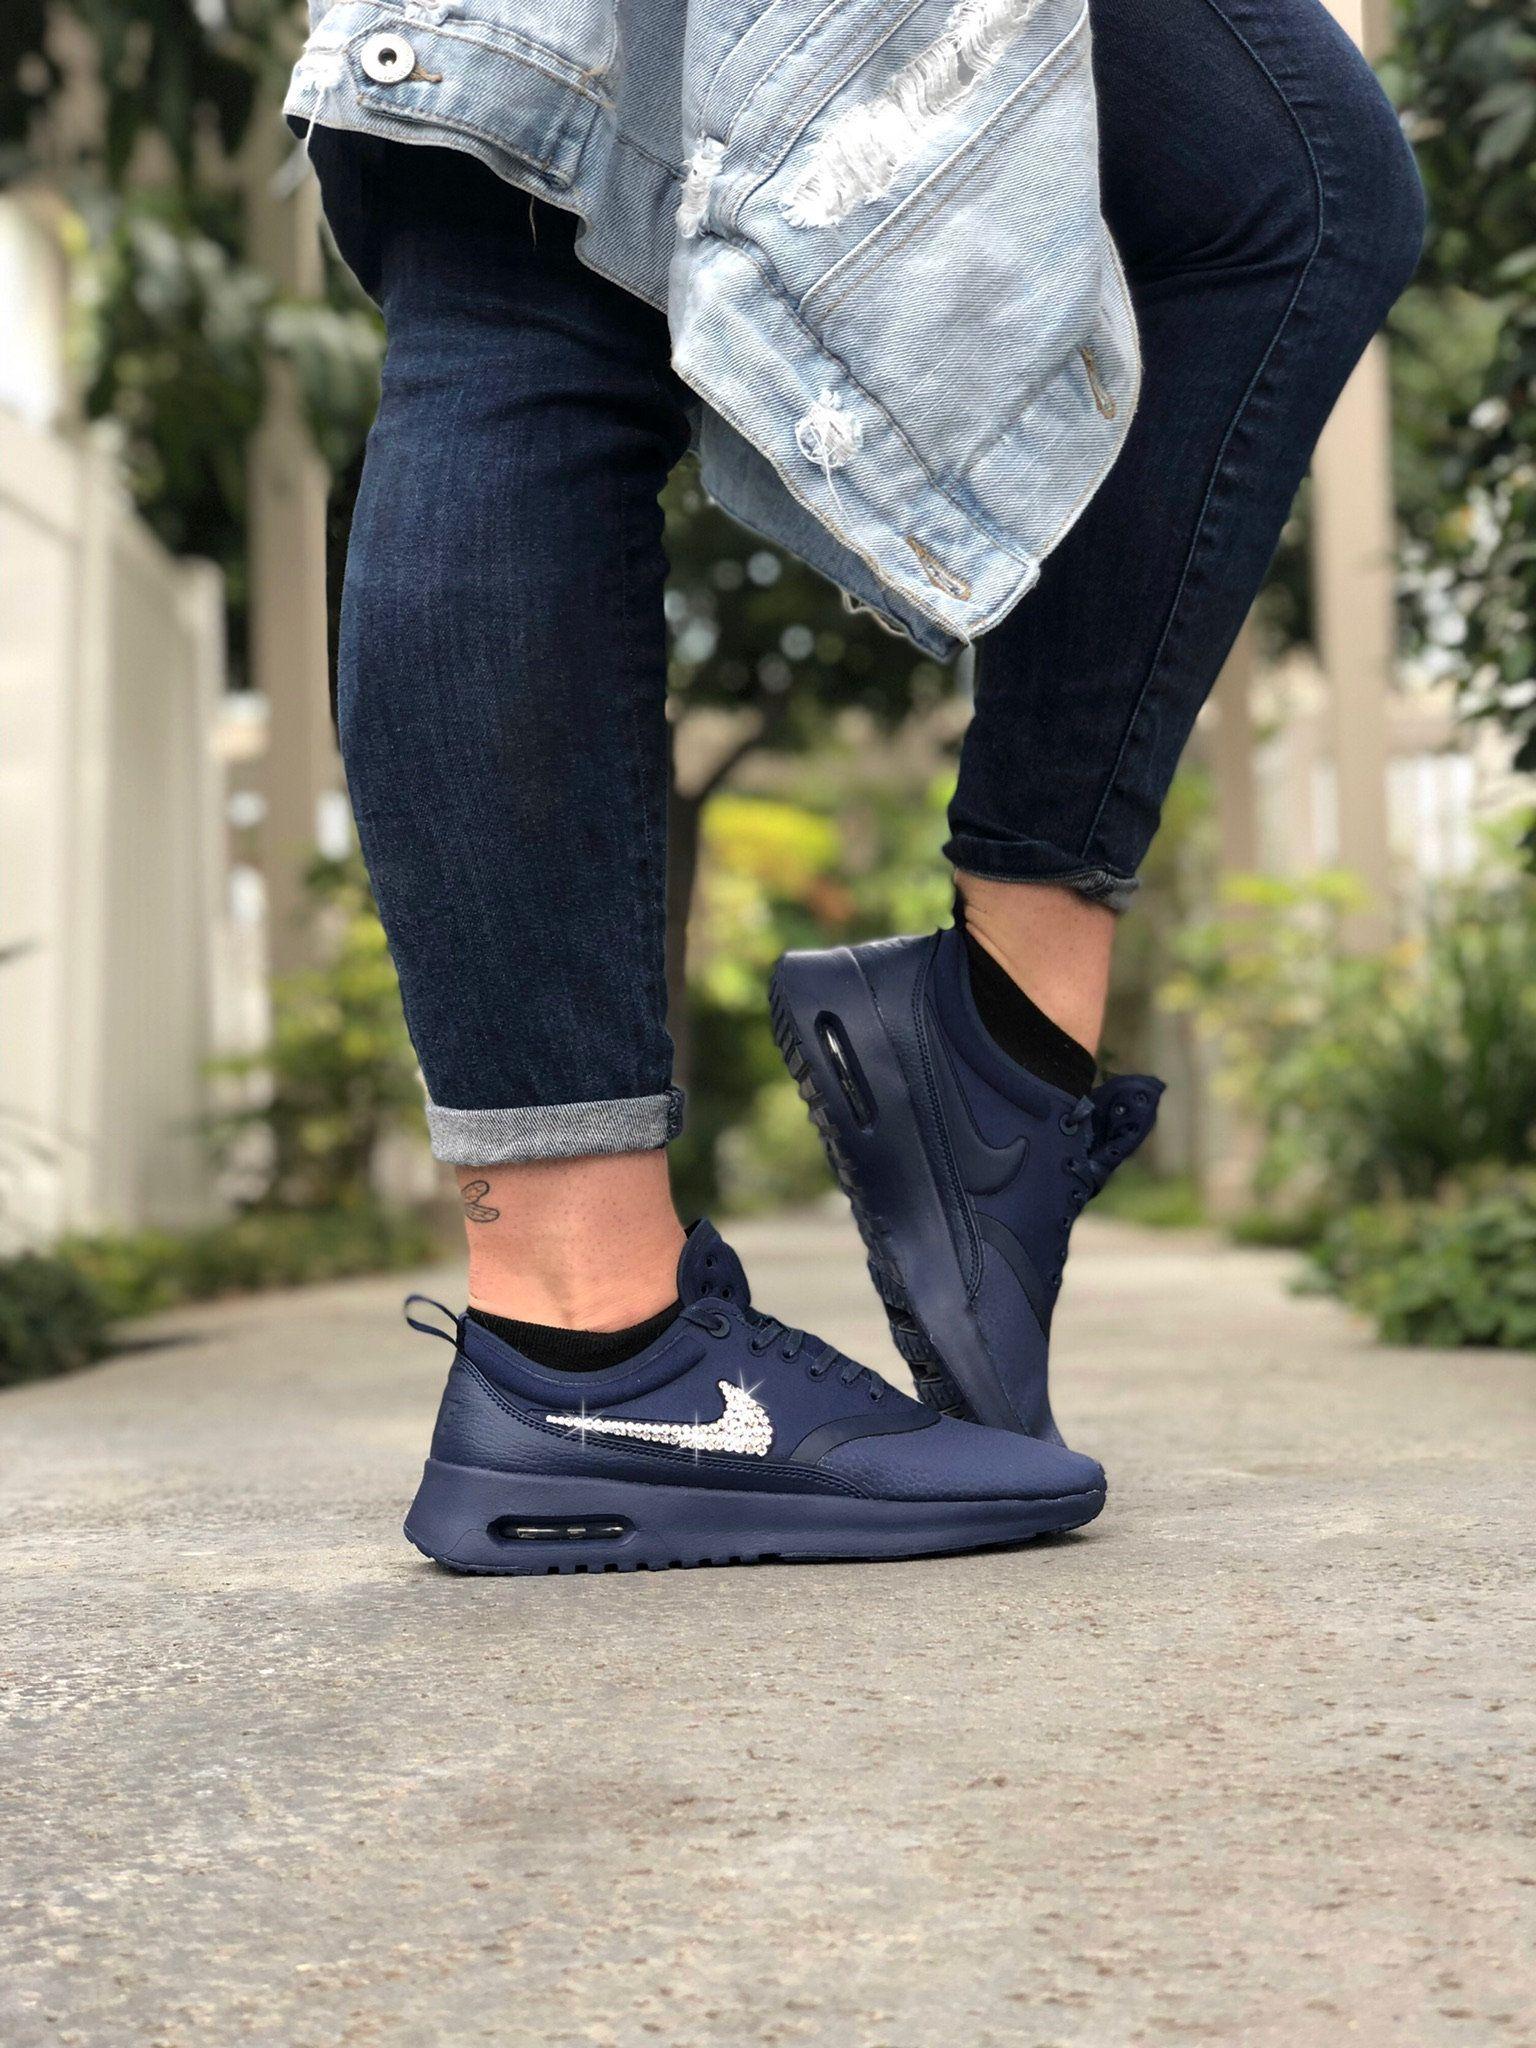 Nike air max for women, Nike air max